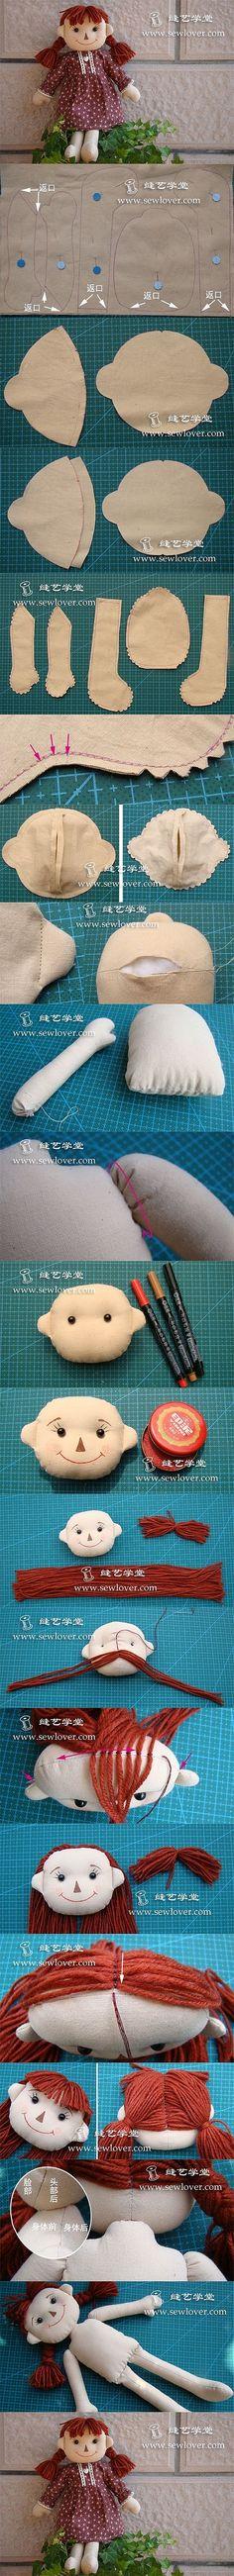 Linda boneca de pano. Um dia gostaria de fazer bonecas.